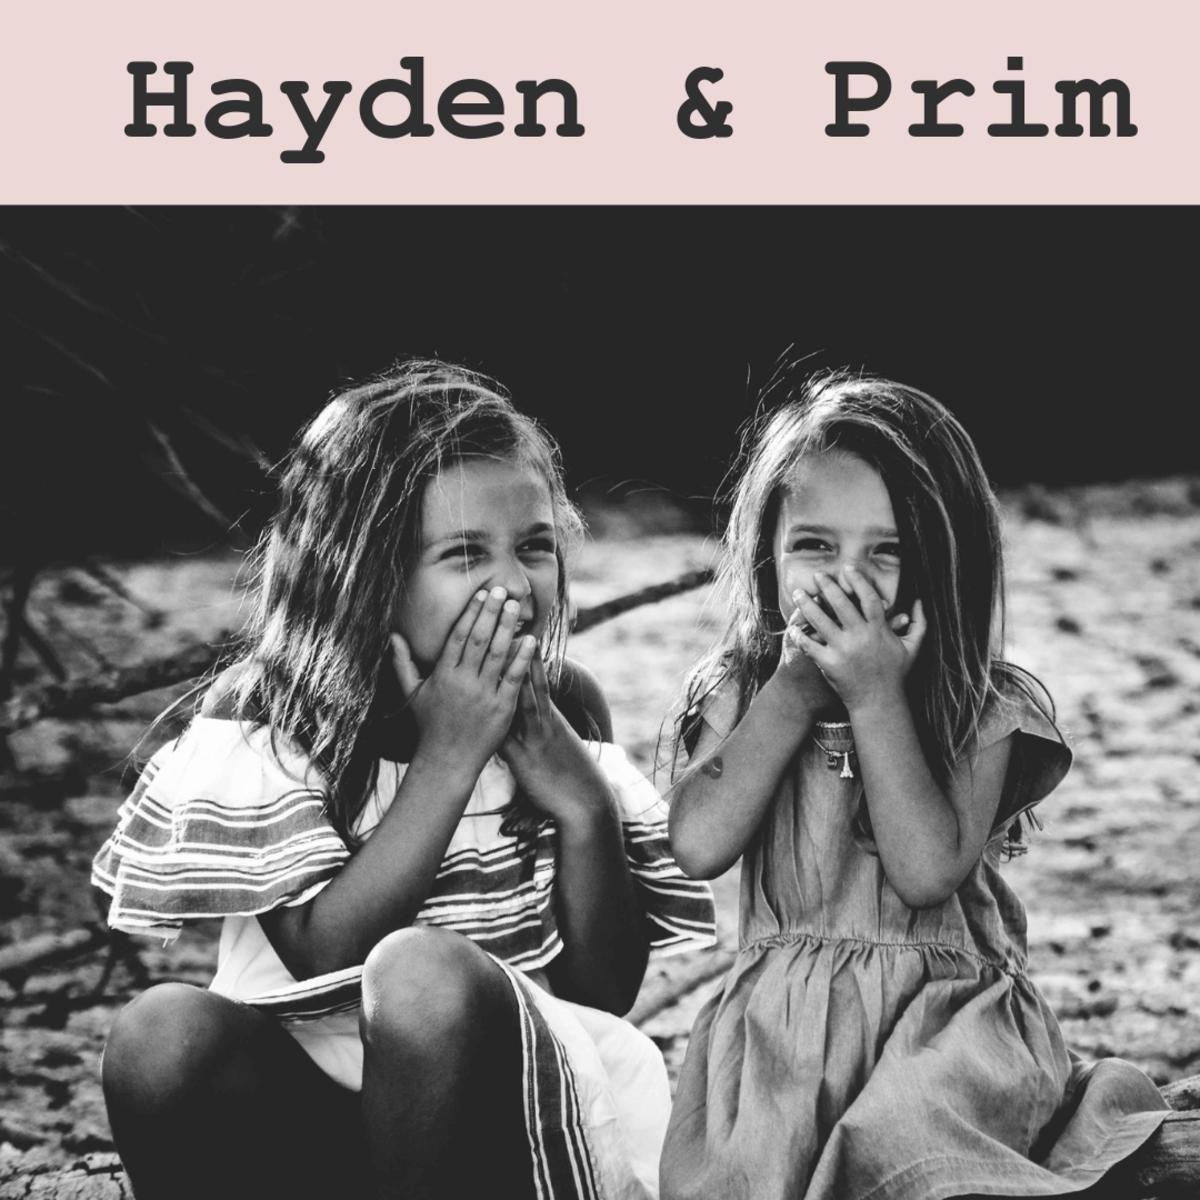 Hayden and Prim